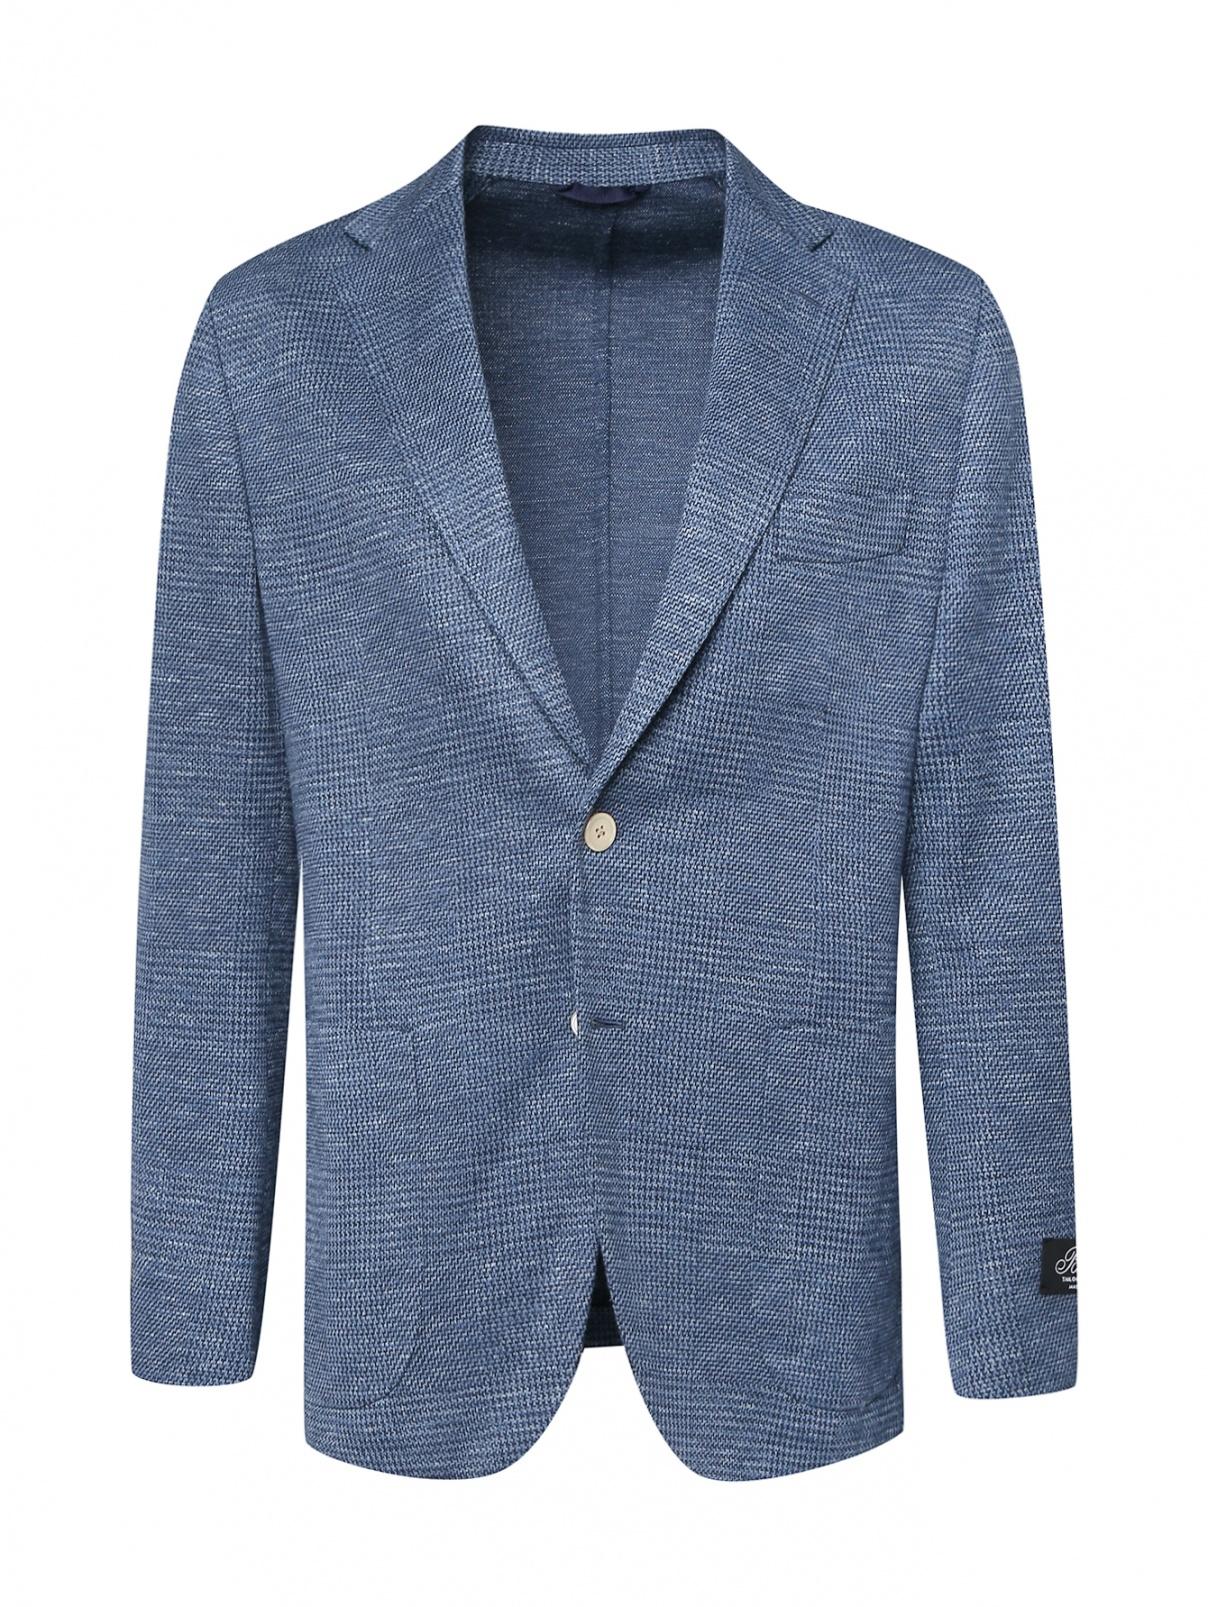 Пиджак трикотажный из шерсти и шелка в клетку Belvest  –  Общий вид